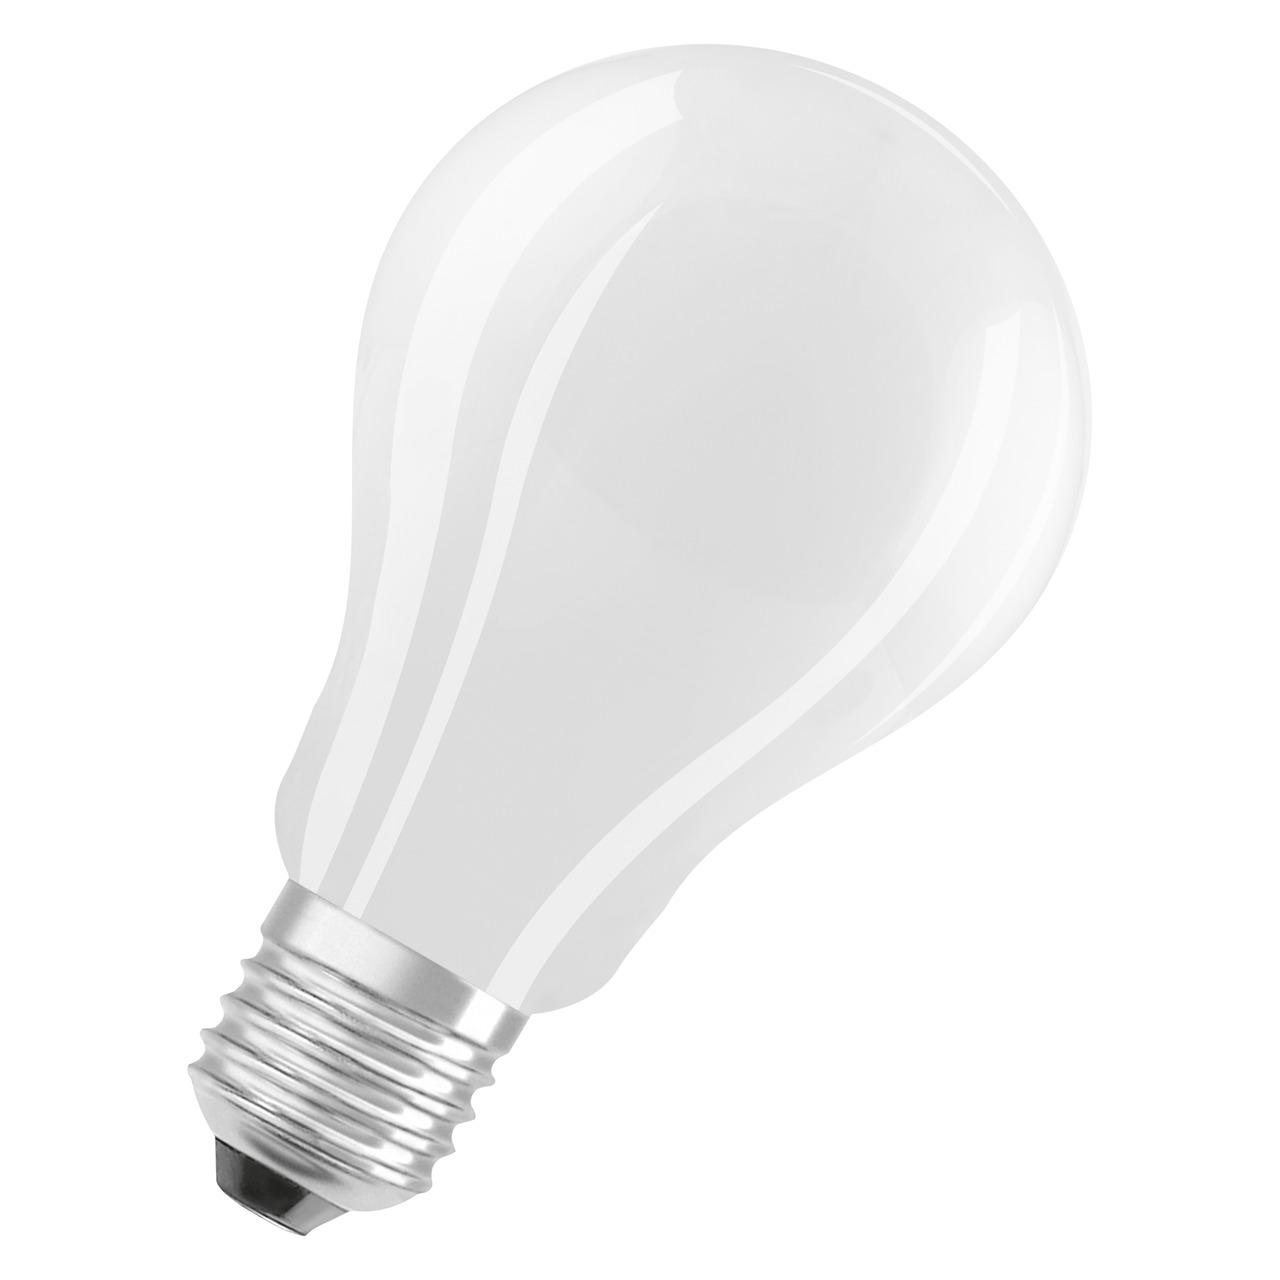 OSRAM 16-W-LED-Lampe A70- E27- 2500 lm- neutralweiss- matt